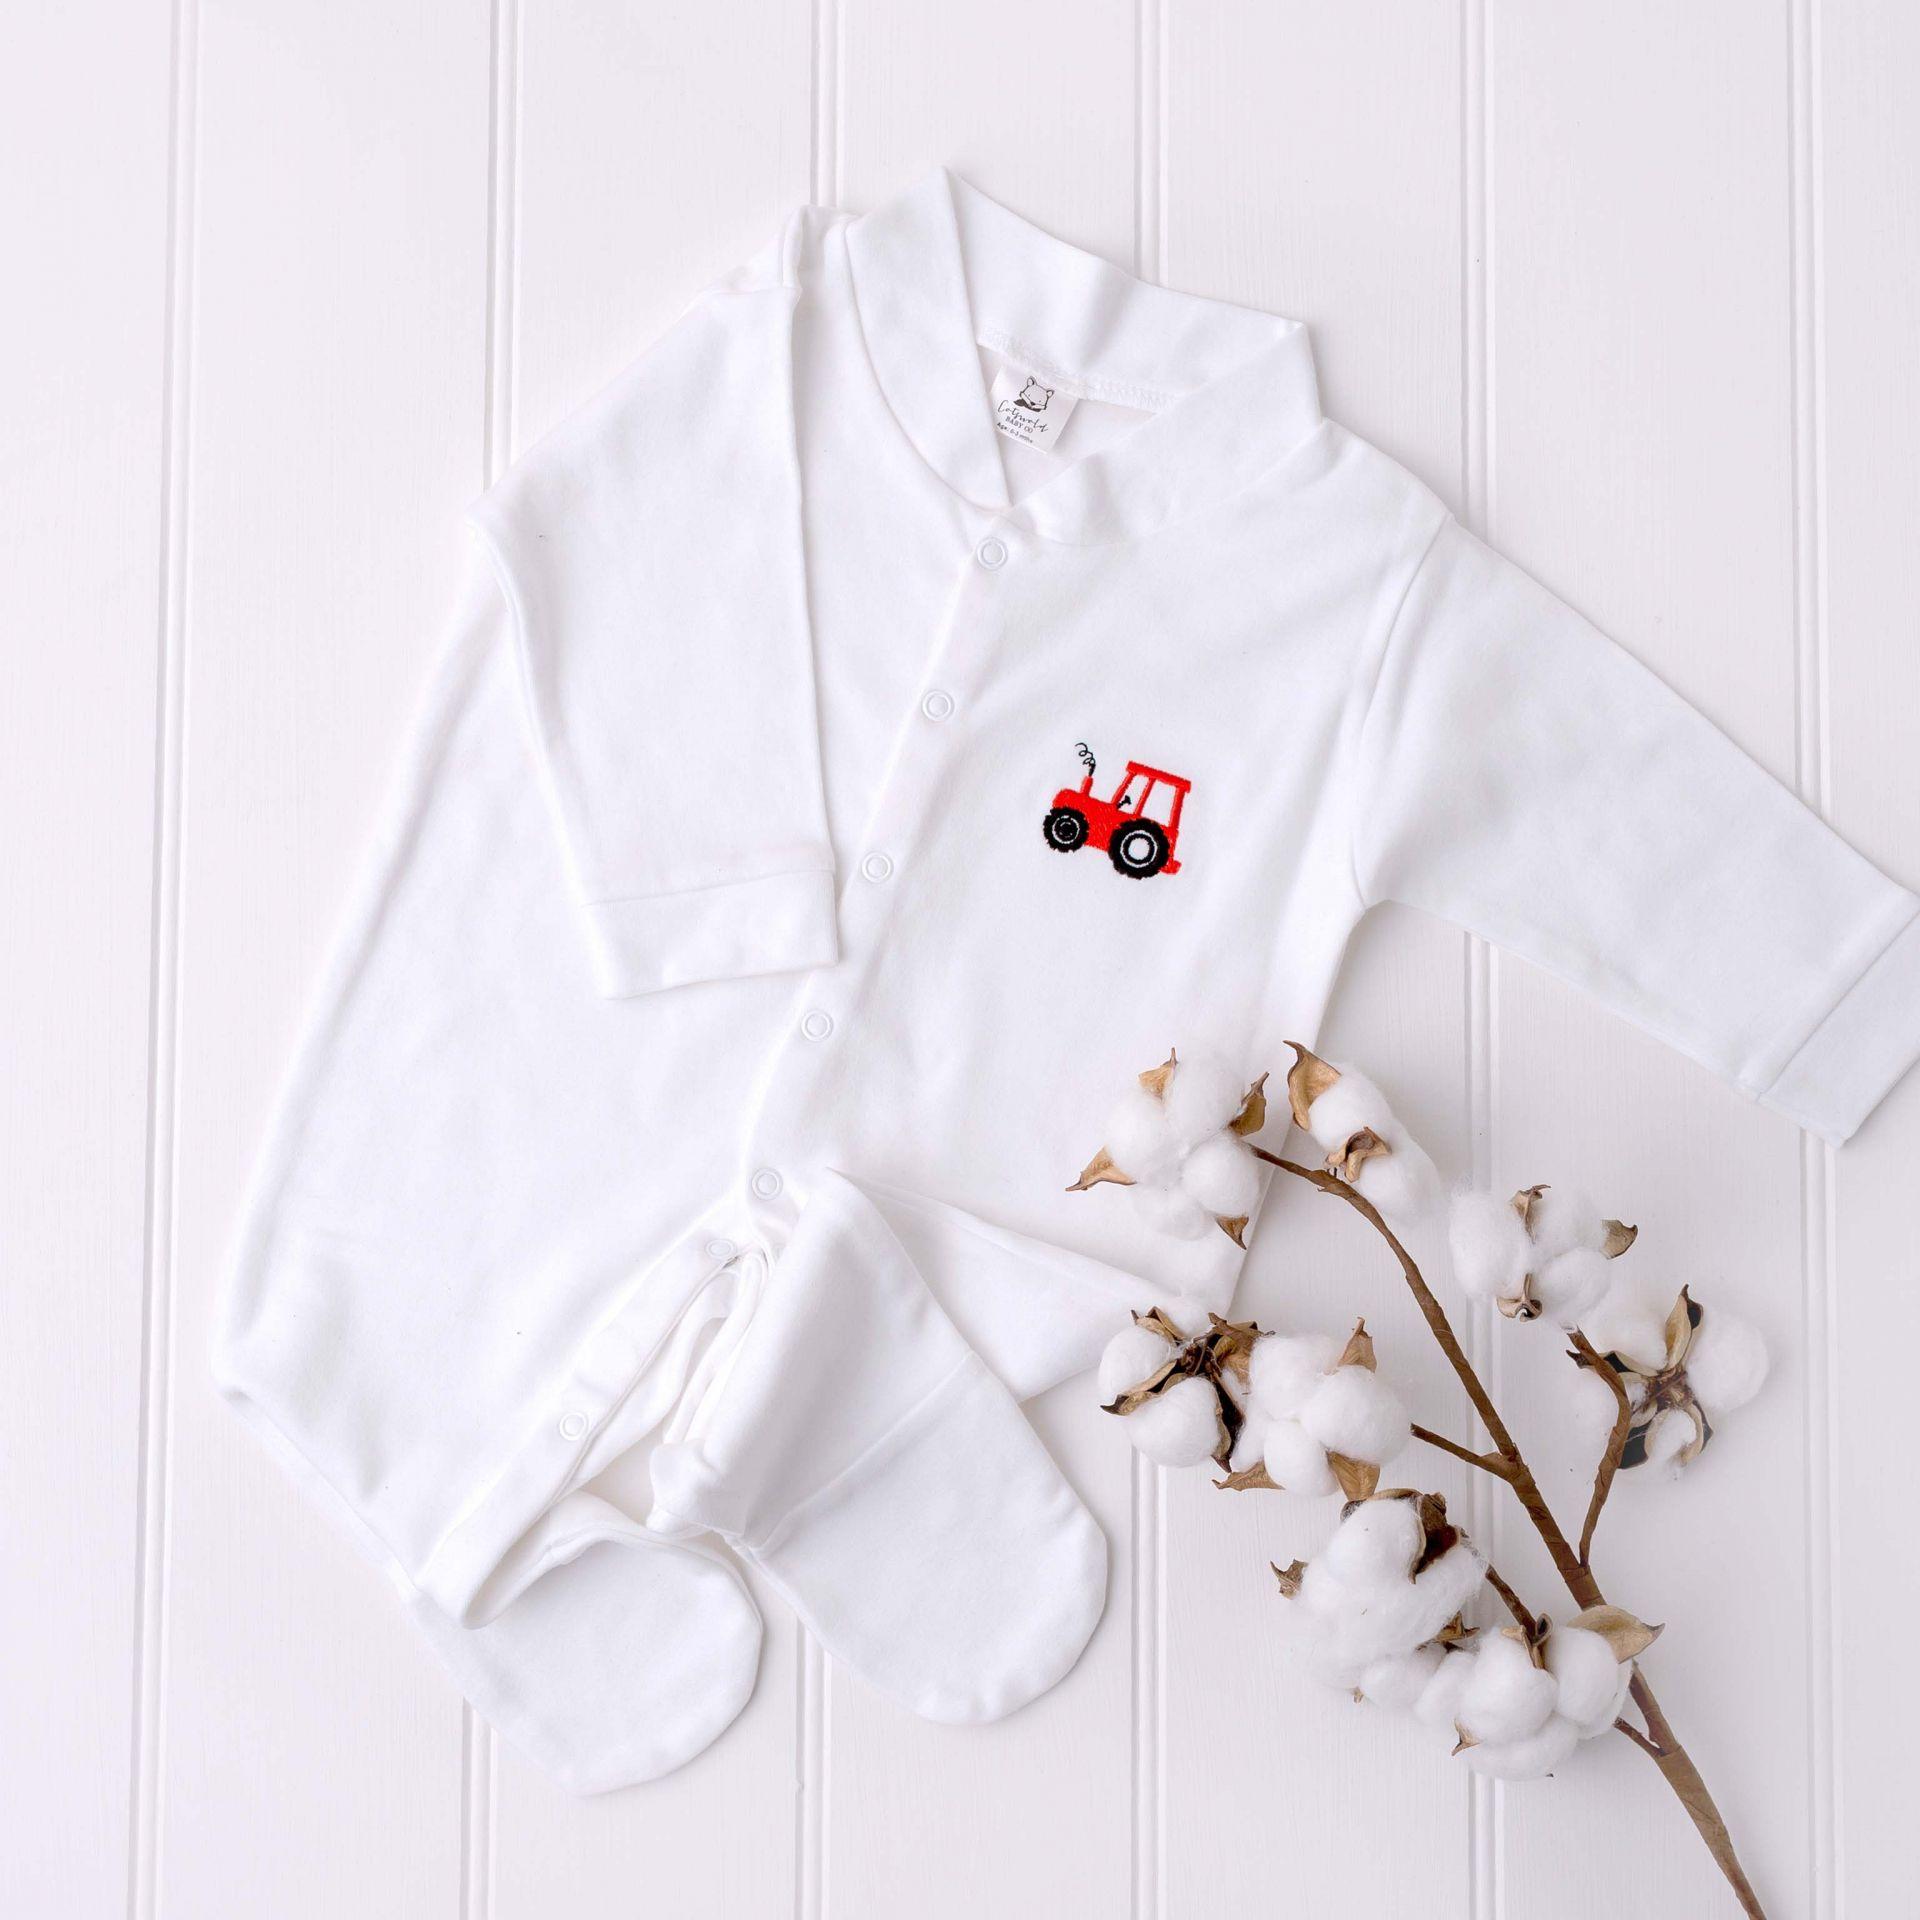 Little_farmer_sleepsuit_cotswold_baby_co